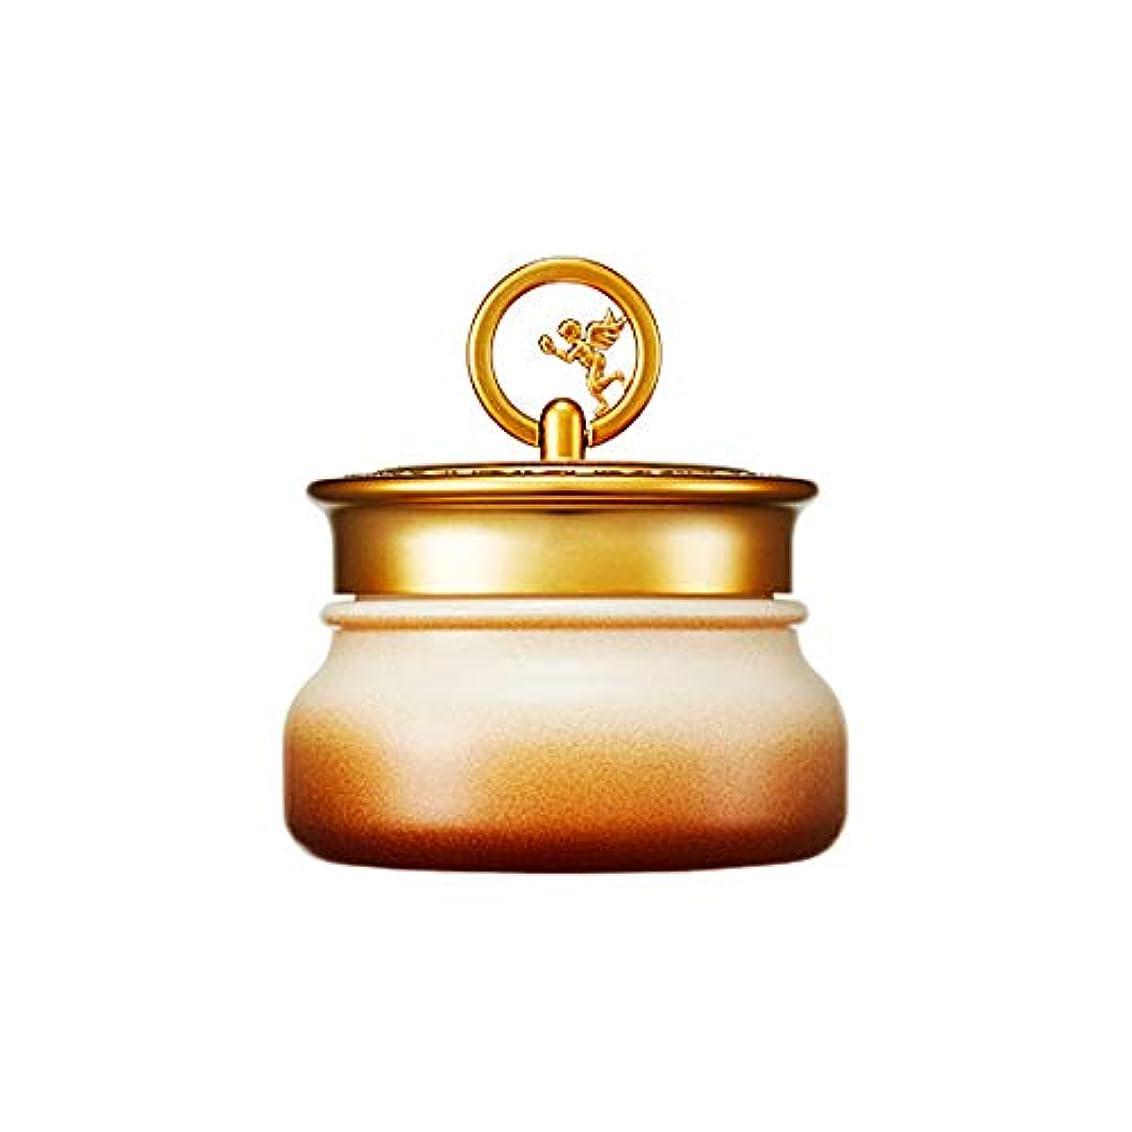 変形する精査やさしくSkinfood ゴールドキャビアクリーム(しわケア) / Gold Caviar Cream (wrinkle care) 45g [並行輸入品]